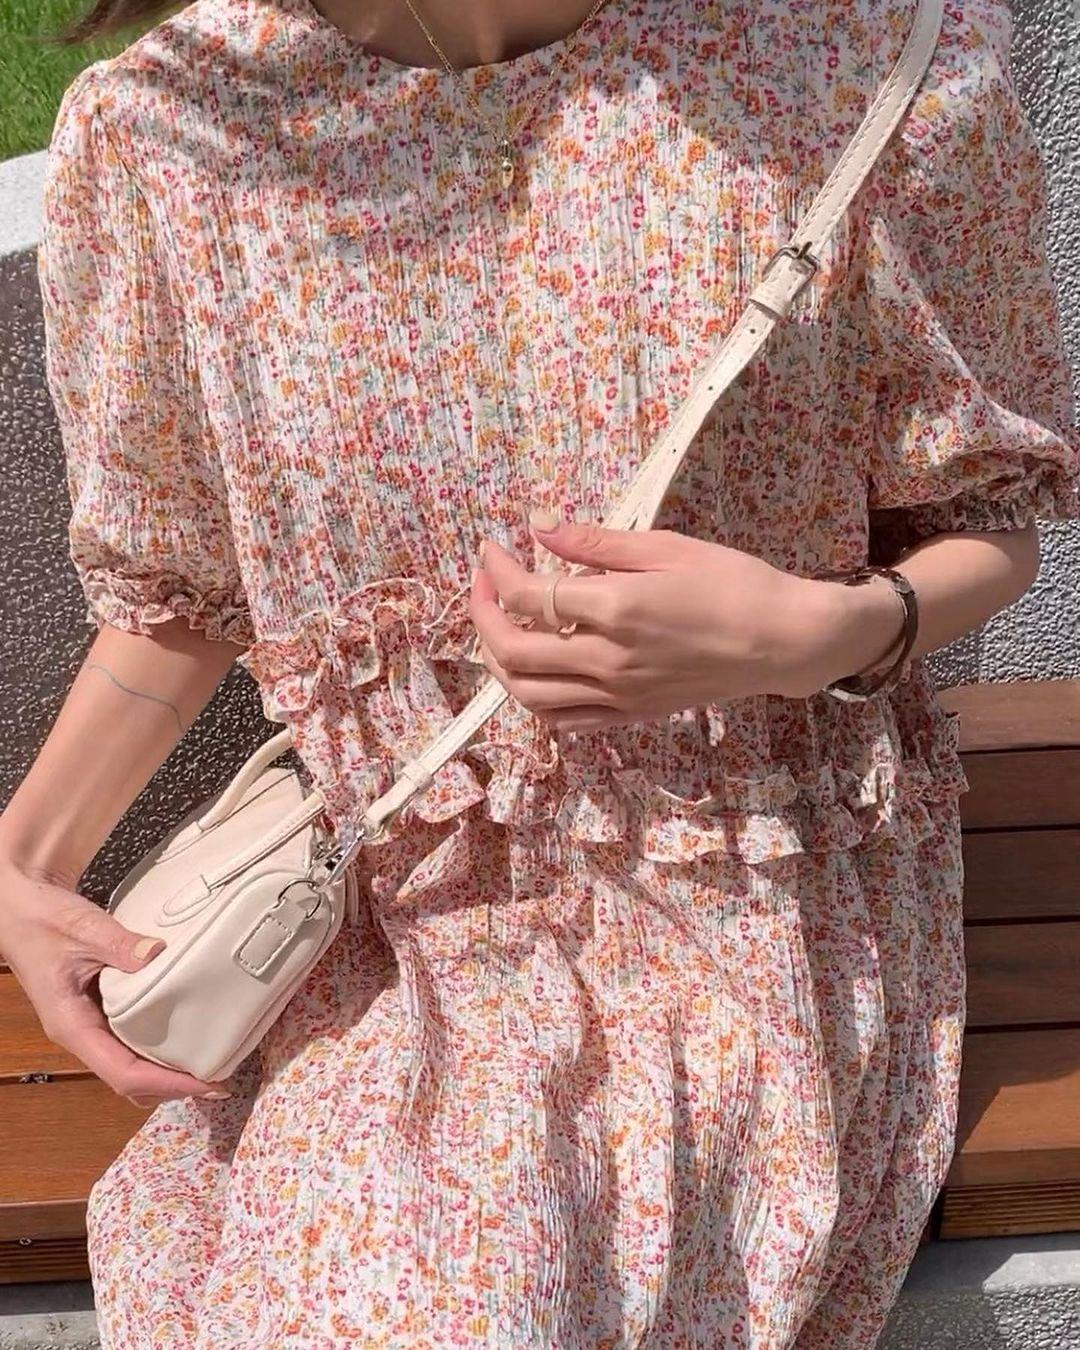 Thiều Bảo Trâm diện toàn váy hoa xinh ngất trong MV mới, bỏ vài ba trăm là bạn sắm được váy xinh ngang ngửa - Ảnh 8.